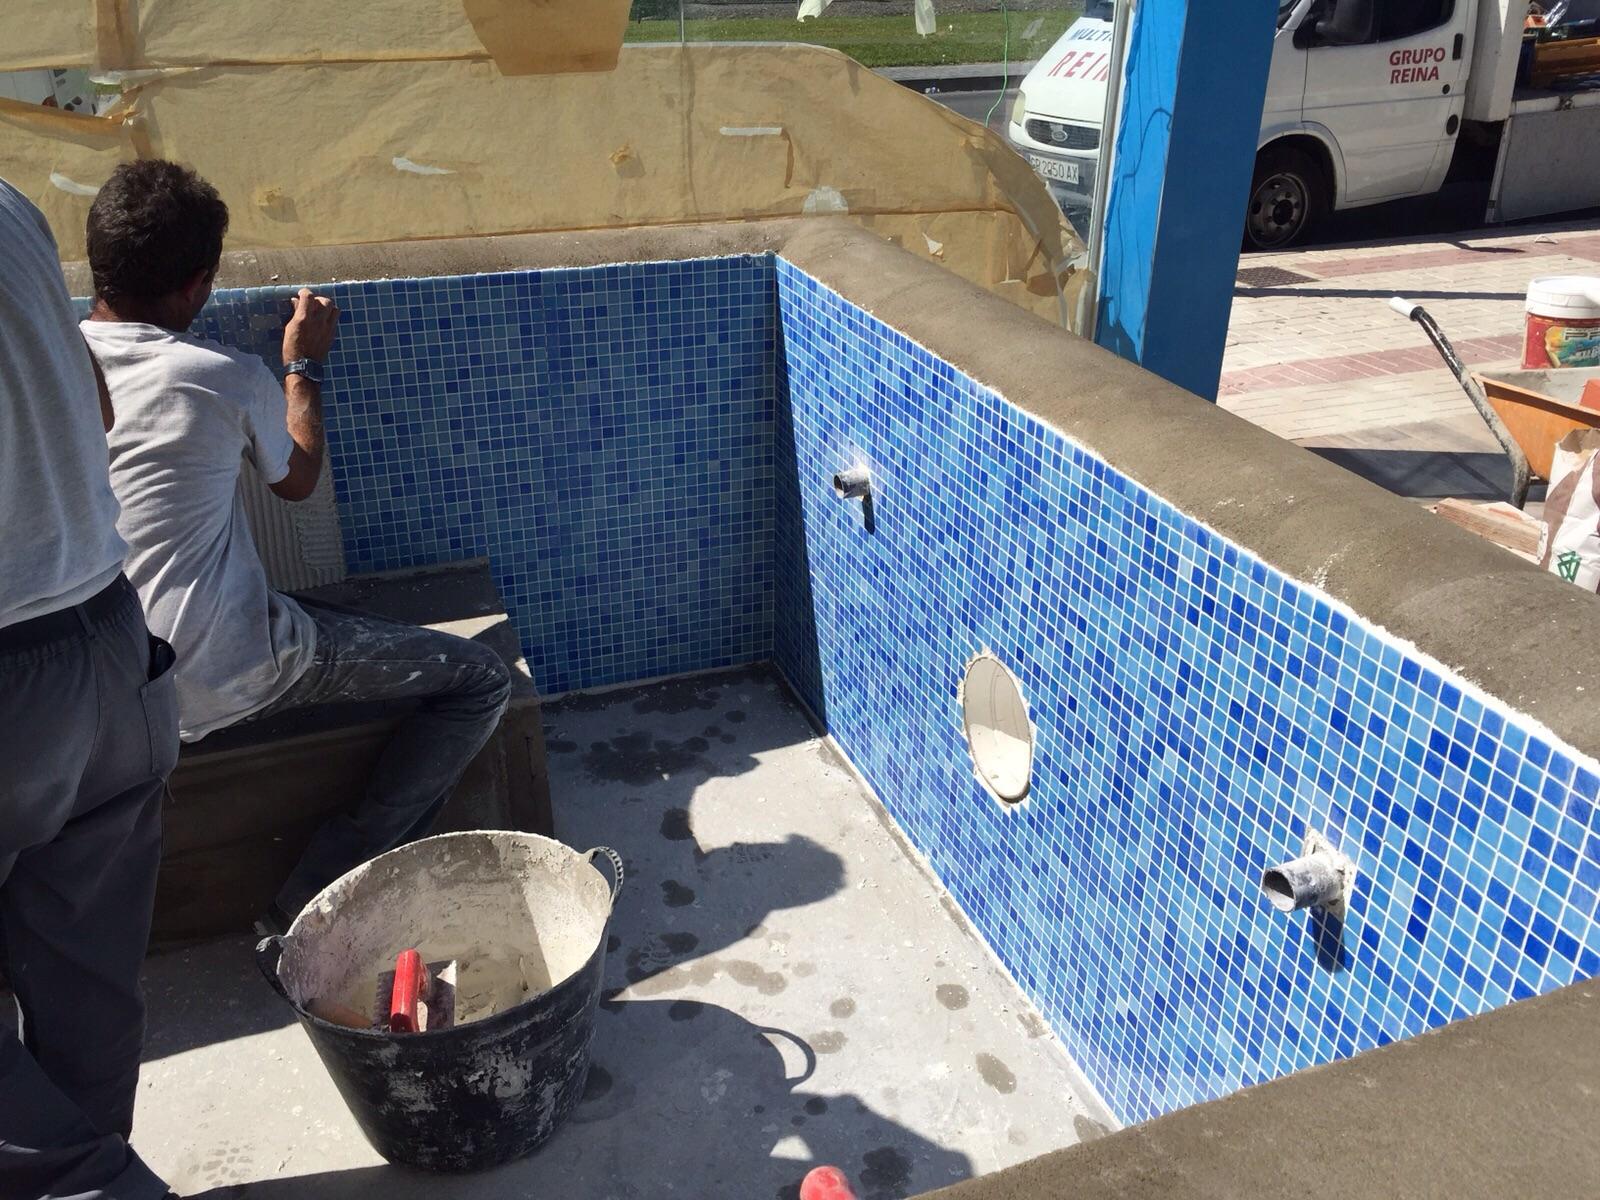 Construccion de piscinas obras y servicios m laga for Piscinas malaga construccion